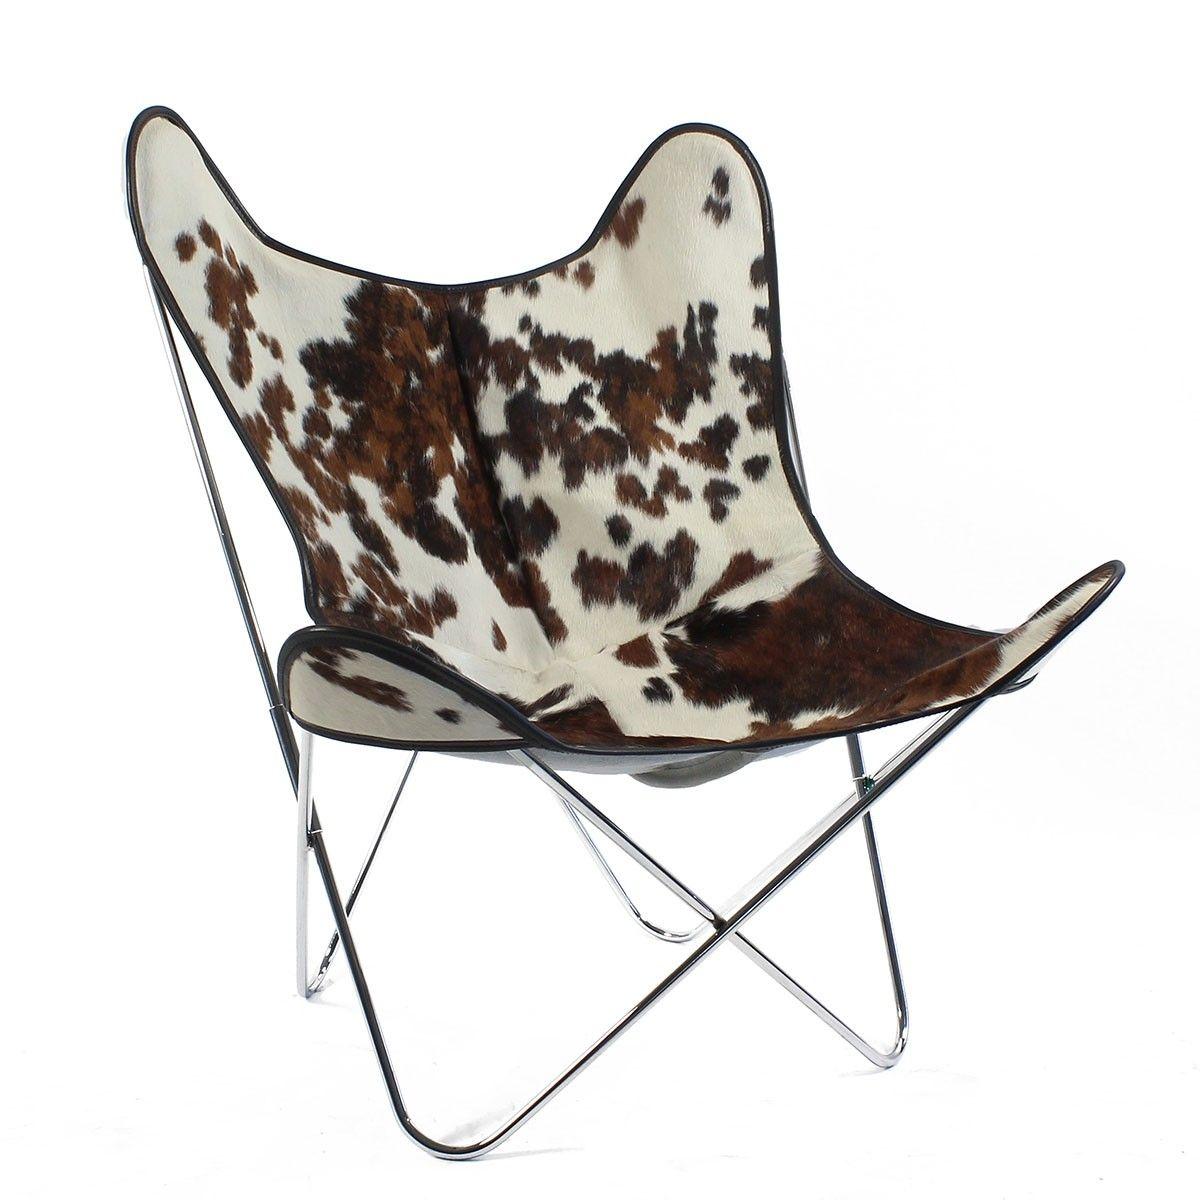 fauteuil butterfly peau de vache aa new design mobilier pinterest peau de vache vache et. Black Bedroom Furniture Sets. Home Design Ideas